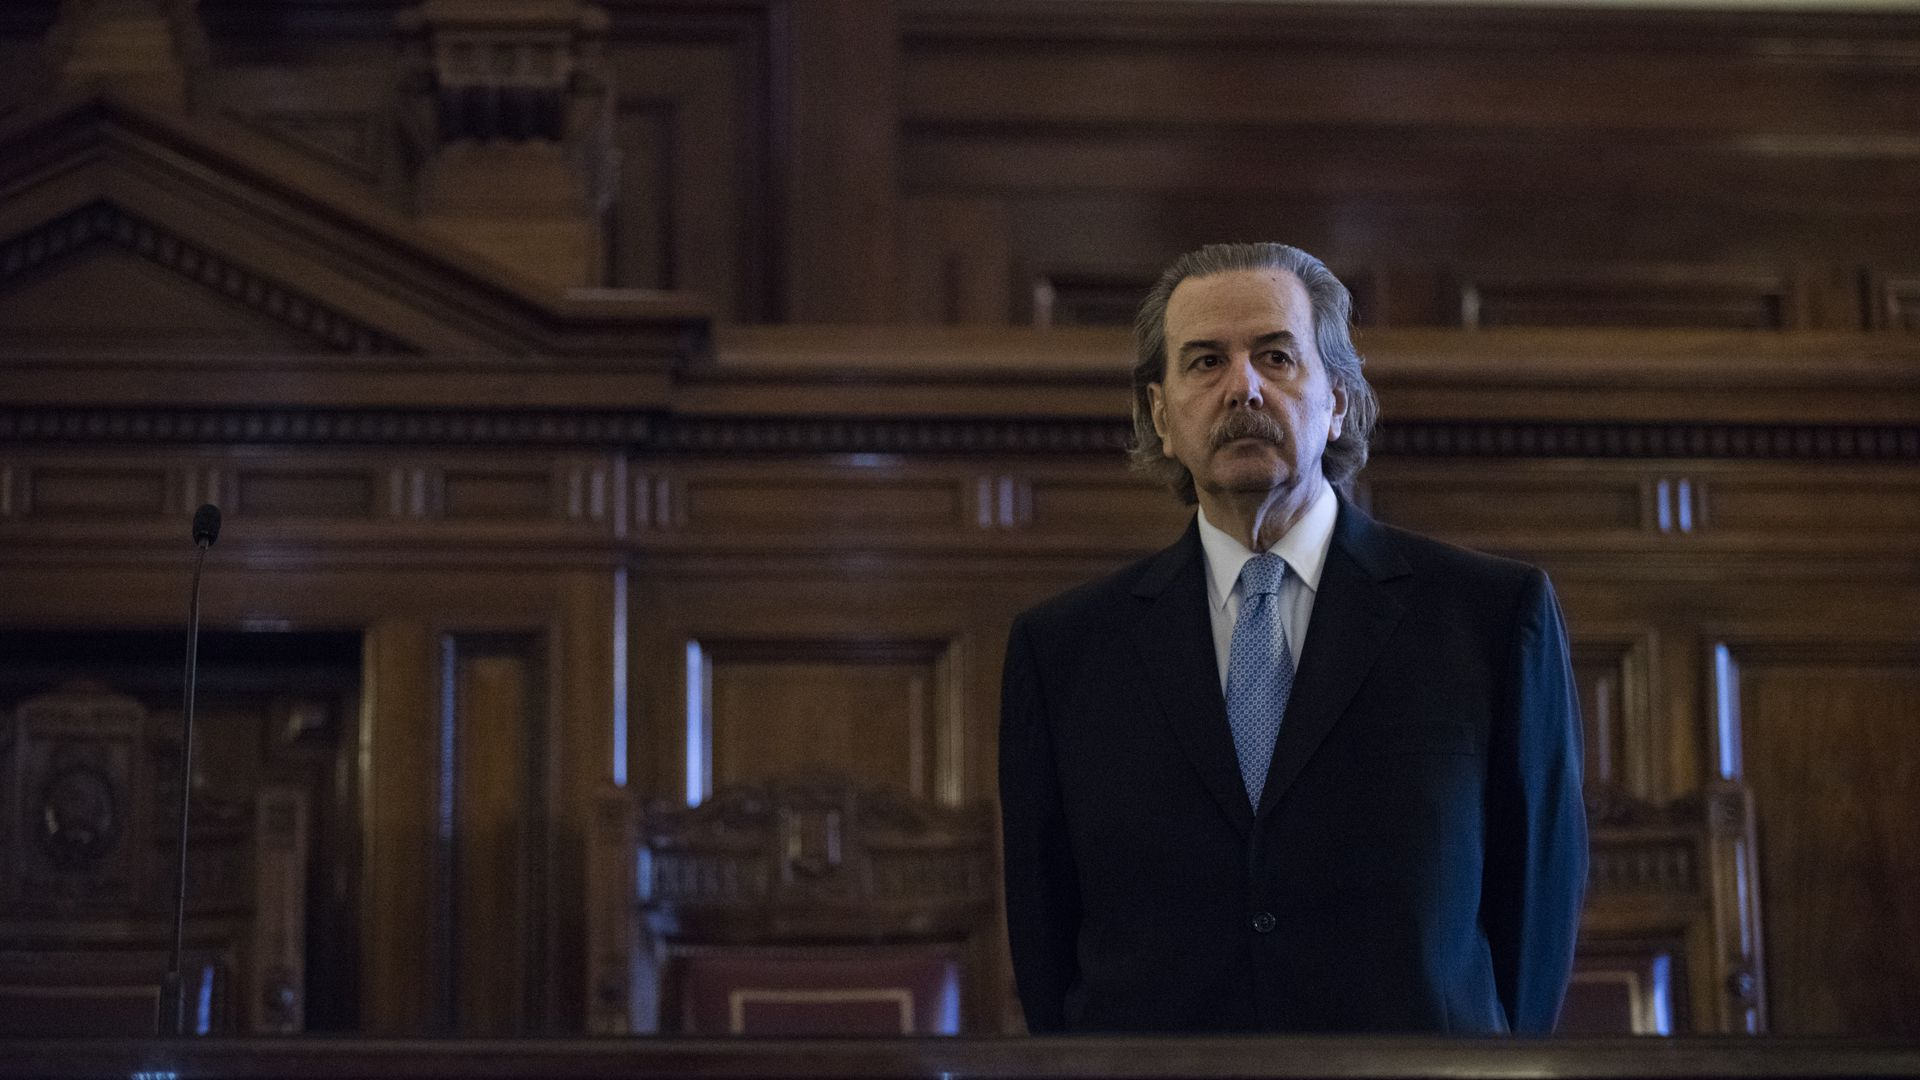 El juez Juan Carlos Maqueda tuvo bajo su órbita la obra social del Poder Judicial. (foto Adrián Escandar)